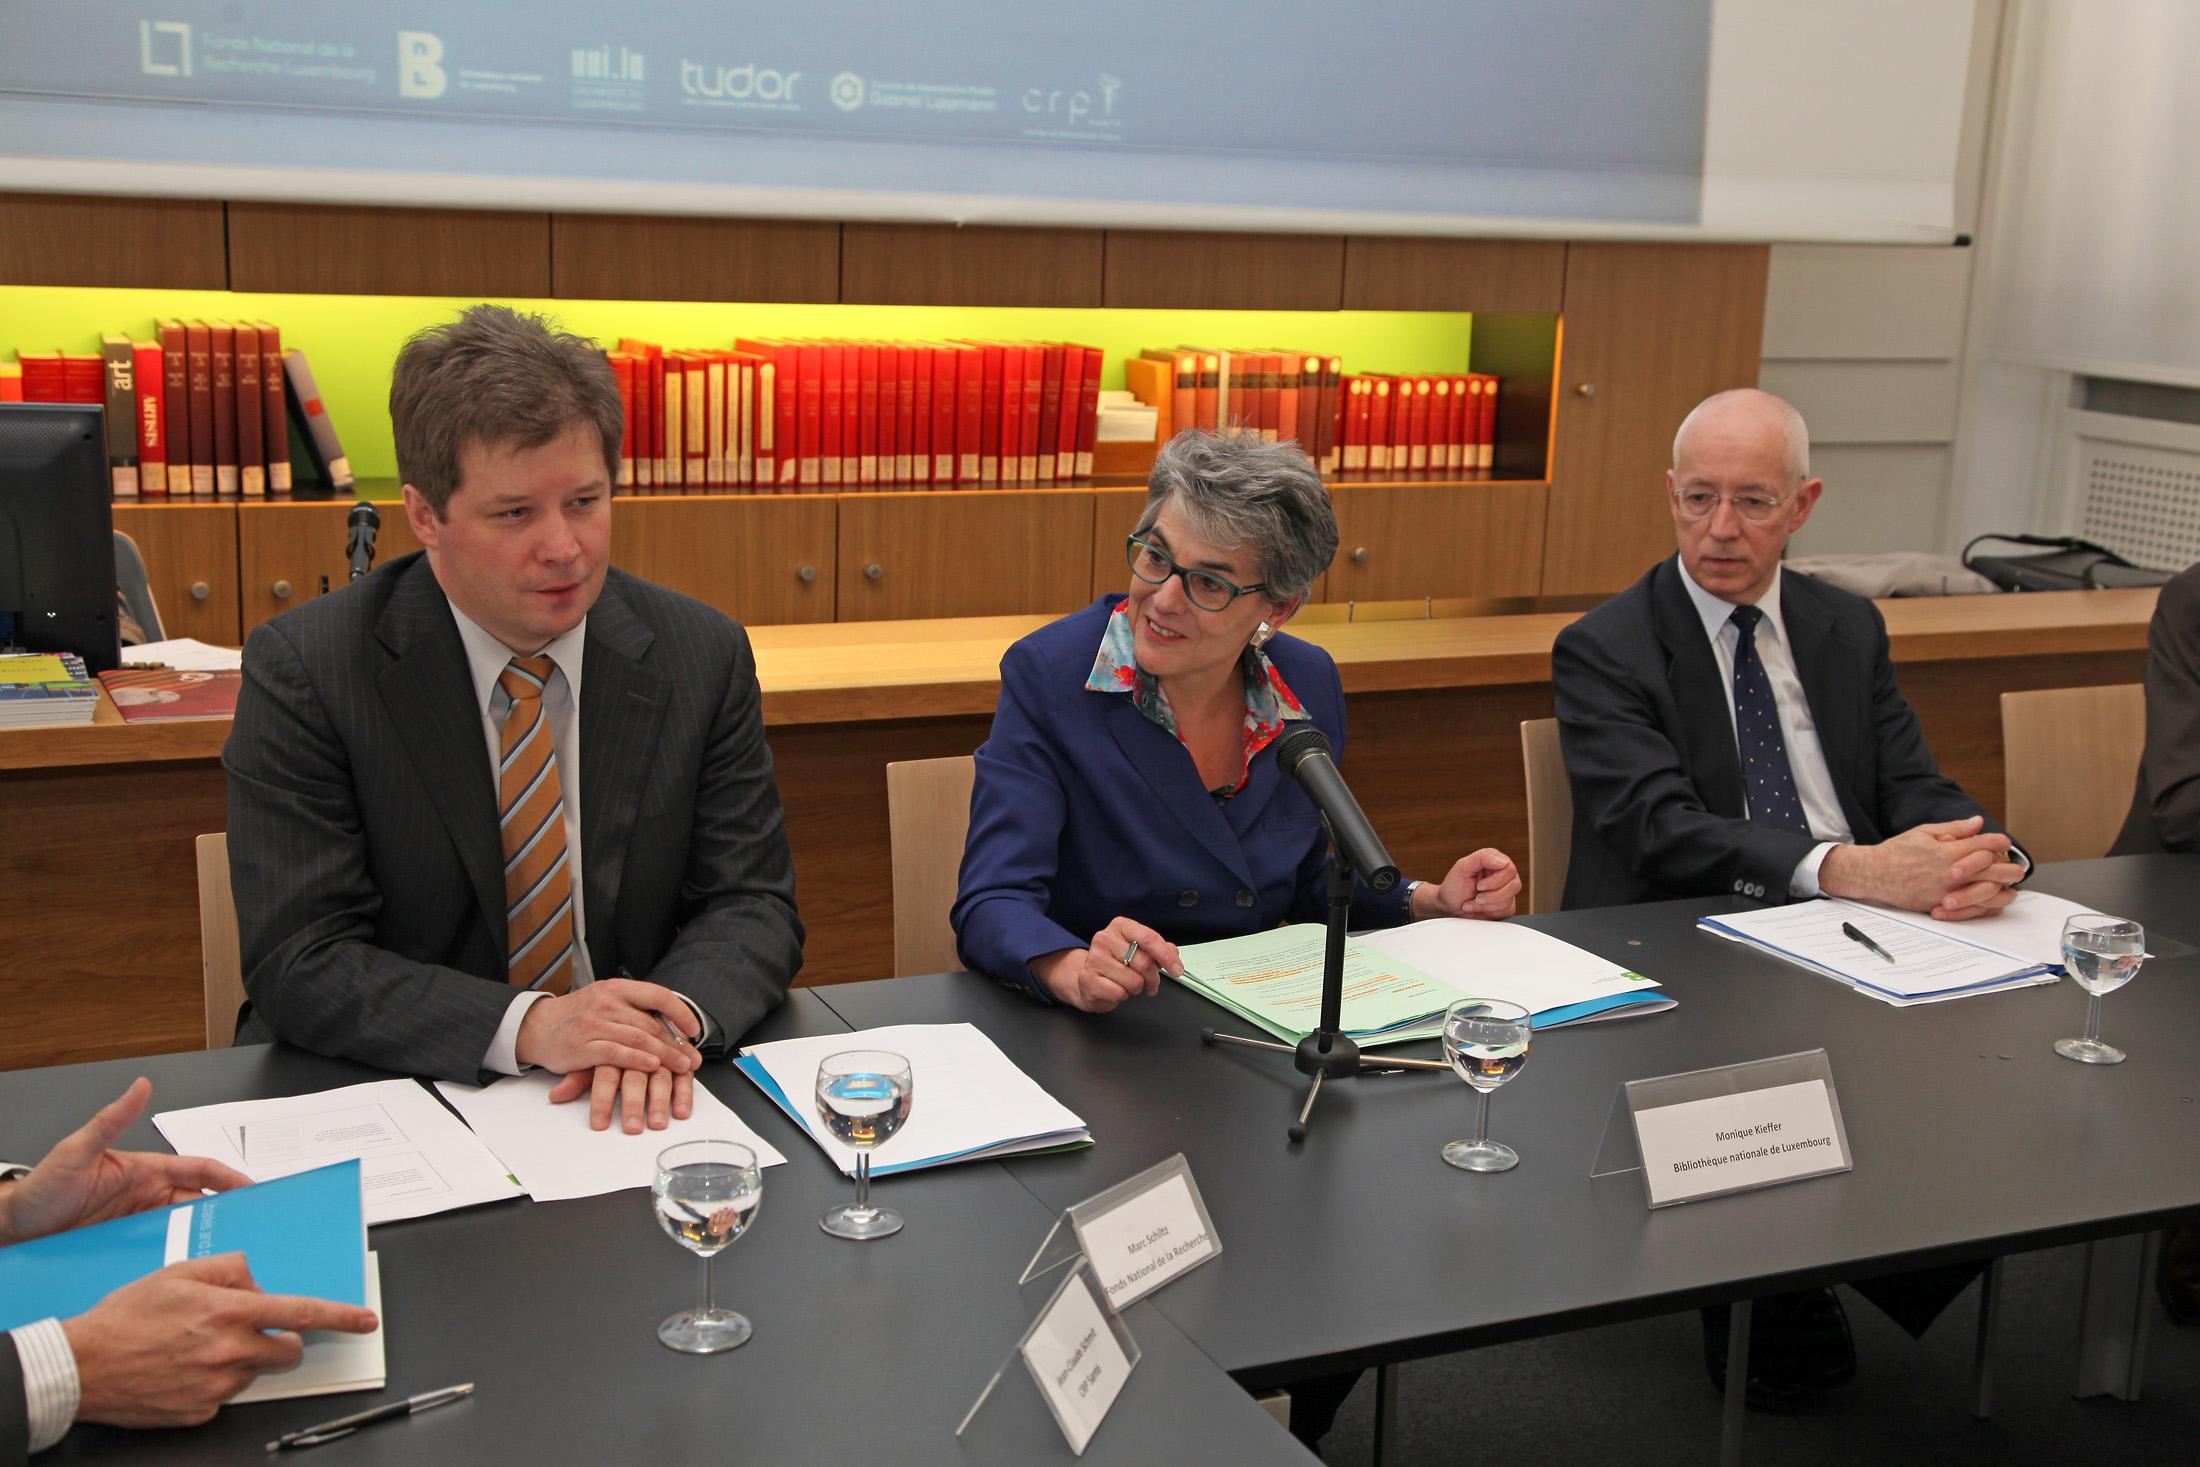 Marc Schiltz (FnR), Monique Kieffer (BnL), Dr. Ludwig Neyses (Université)